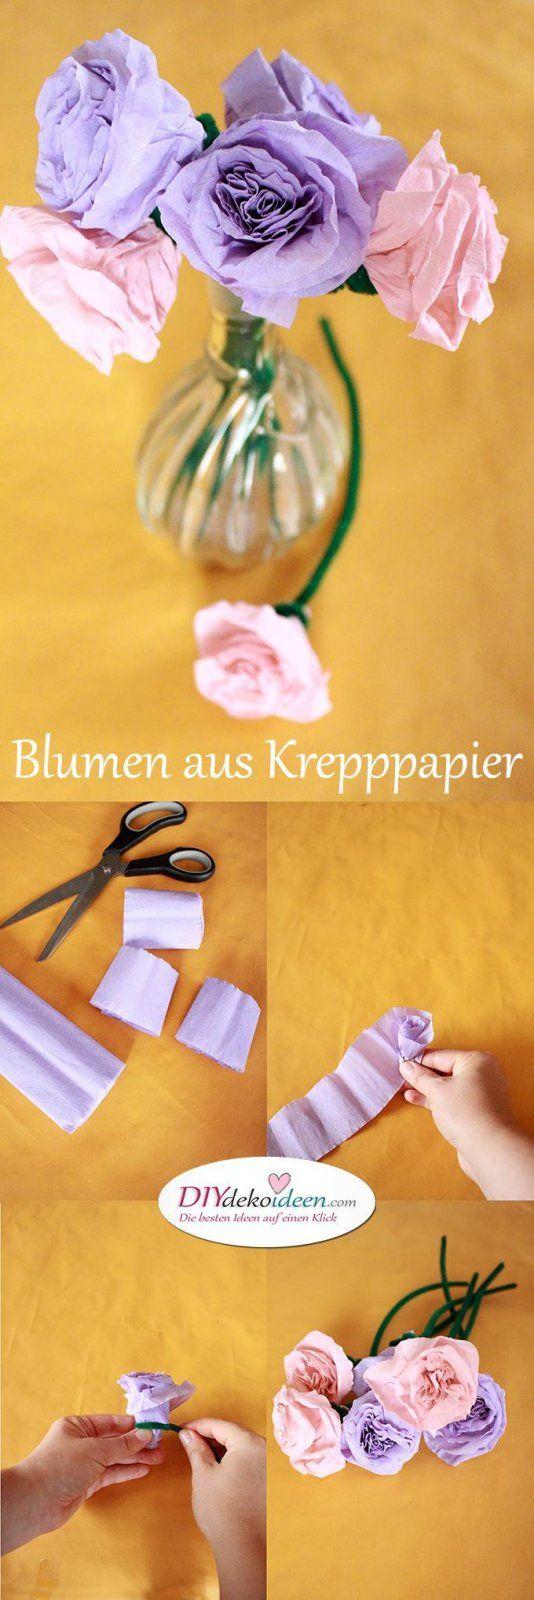 Spielerisch Rosen basteln mit Krepppapier – DIY Bastelideen für Kinder – Urmeli